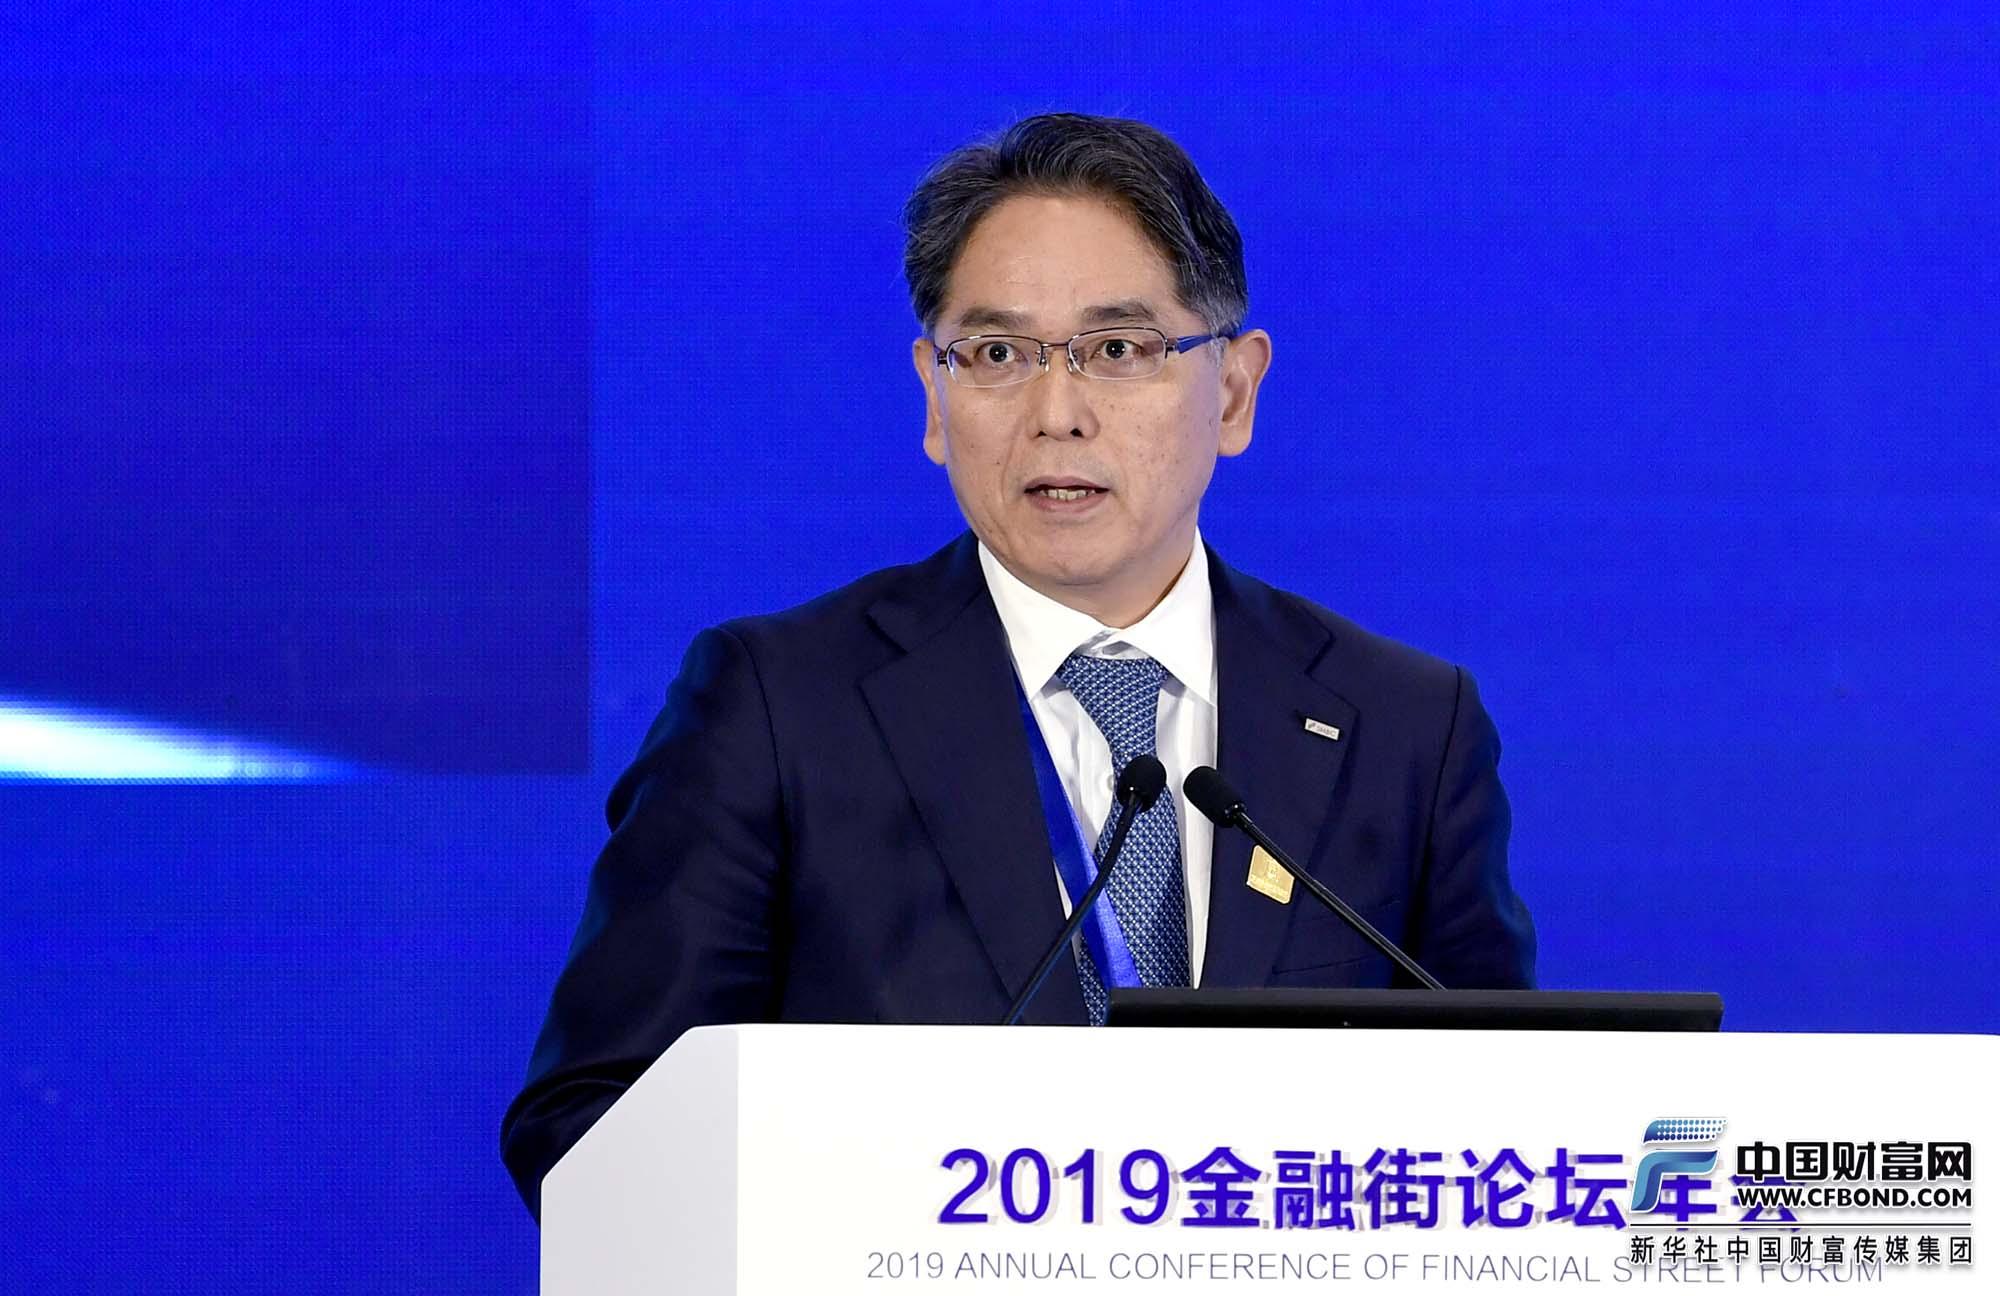 演讲嘉宾:三井住友金融集团常务执行委员兼东亚地区总裁吉冈成充